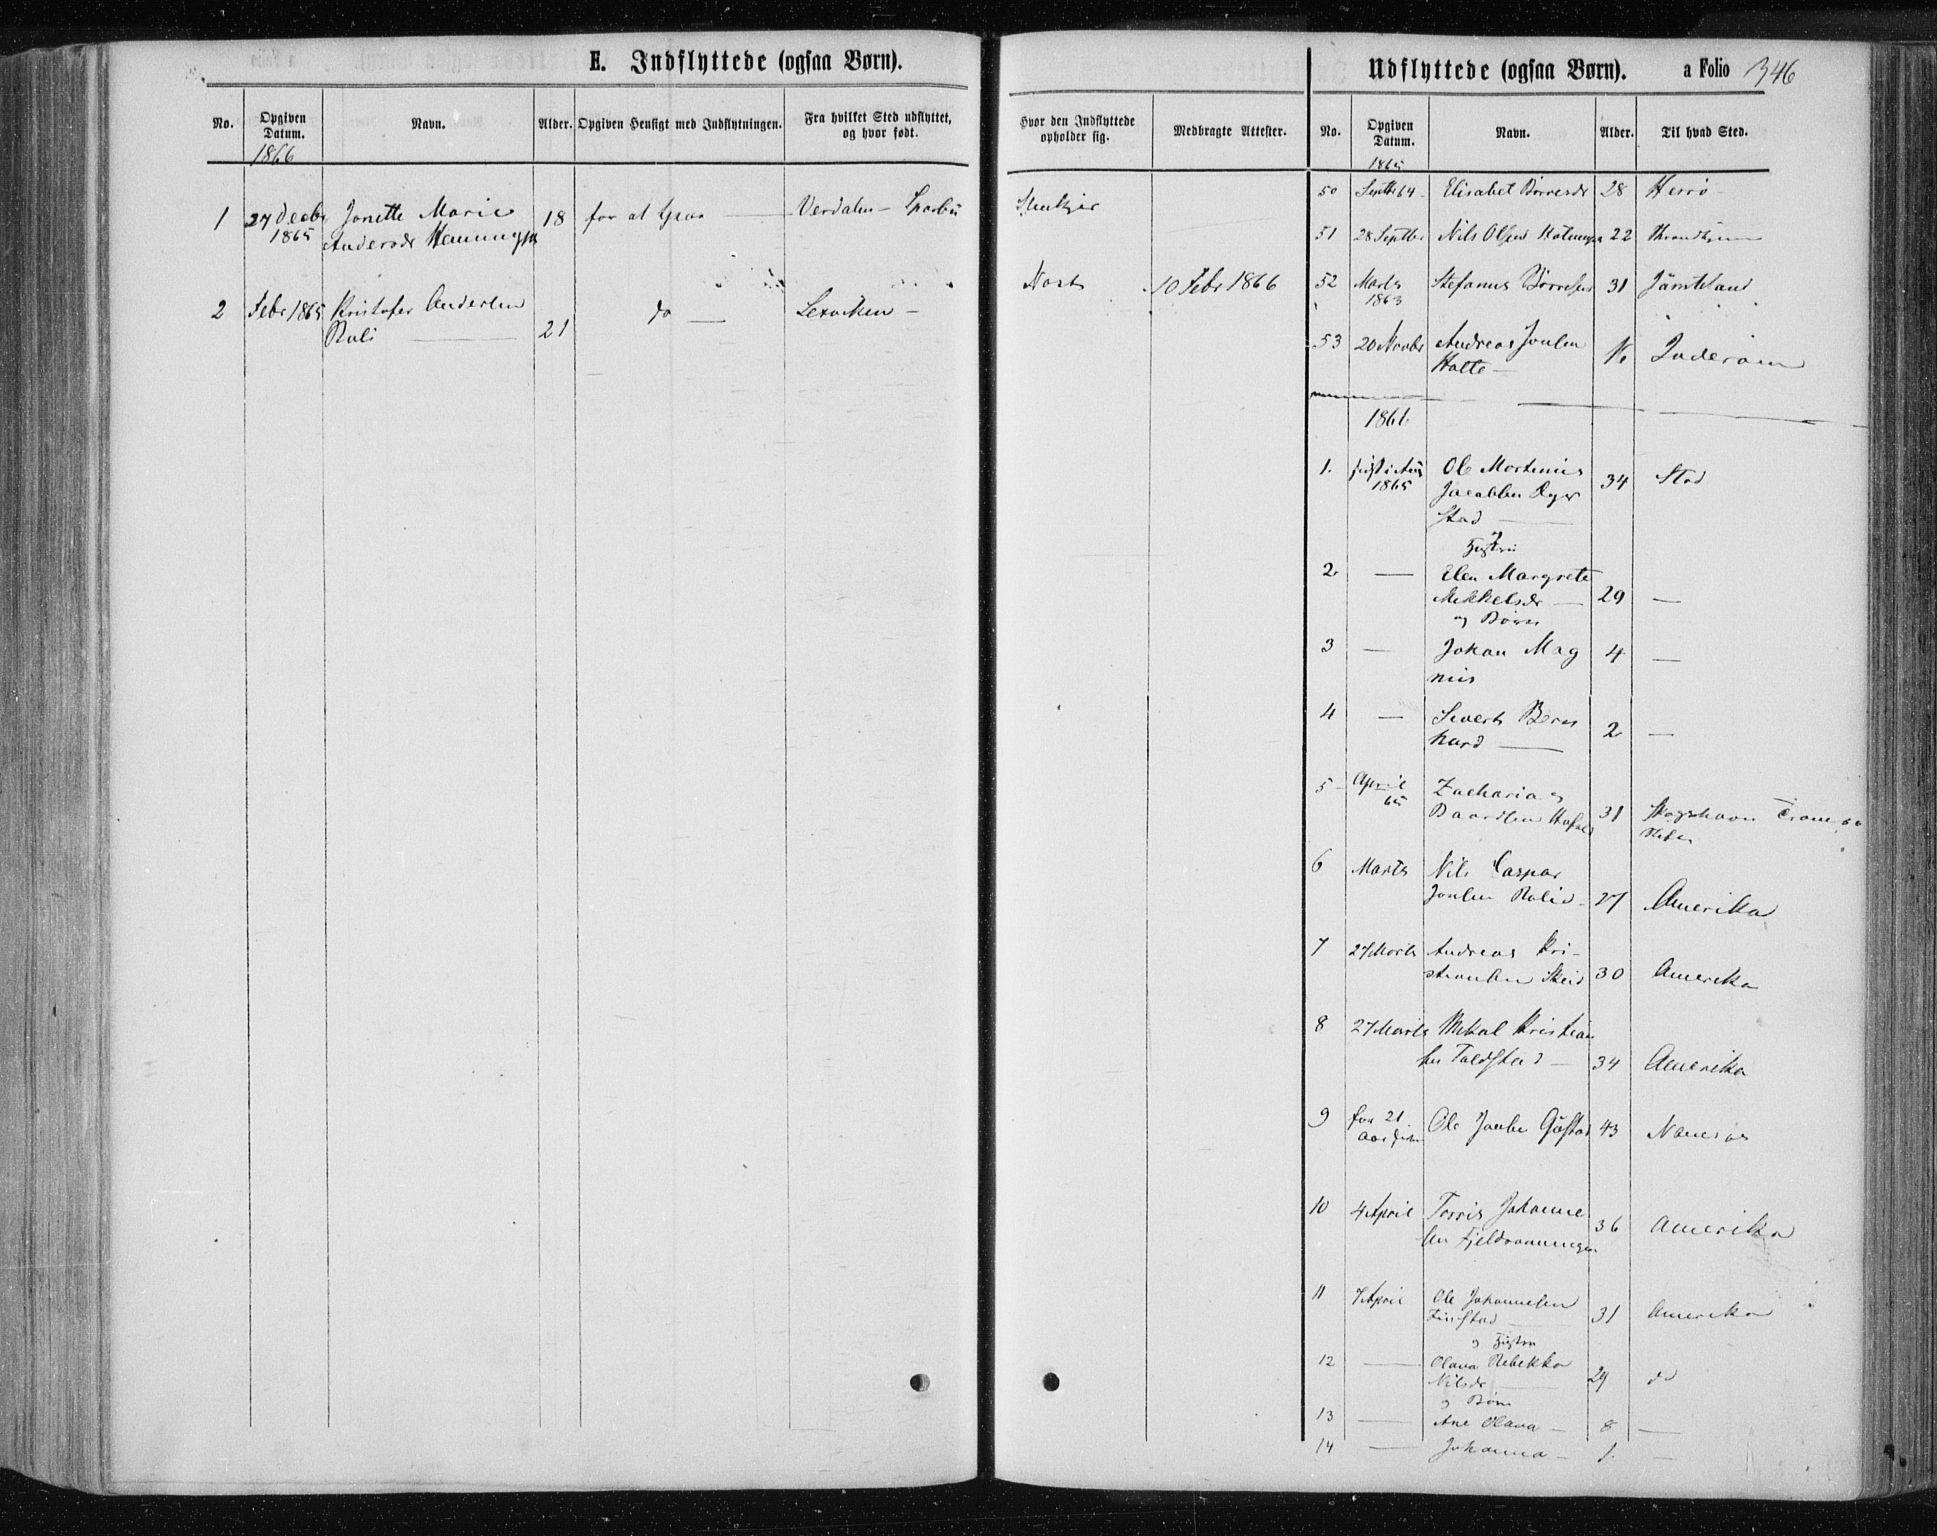 SAT, Ministerialprotokoller, klokkerbøker og fødselsregistre - Nord-Trøndelag, 735/L0345: Ministerialbok nr. 735A08 /1, 1863-1872, s. 346